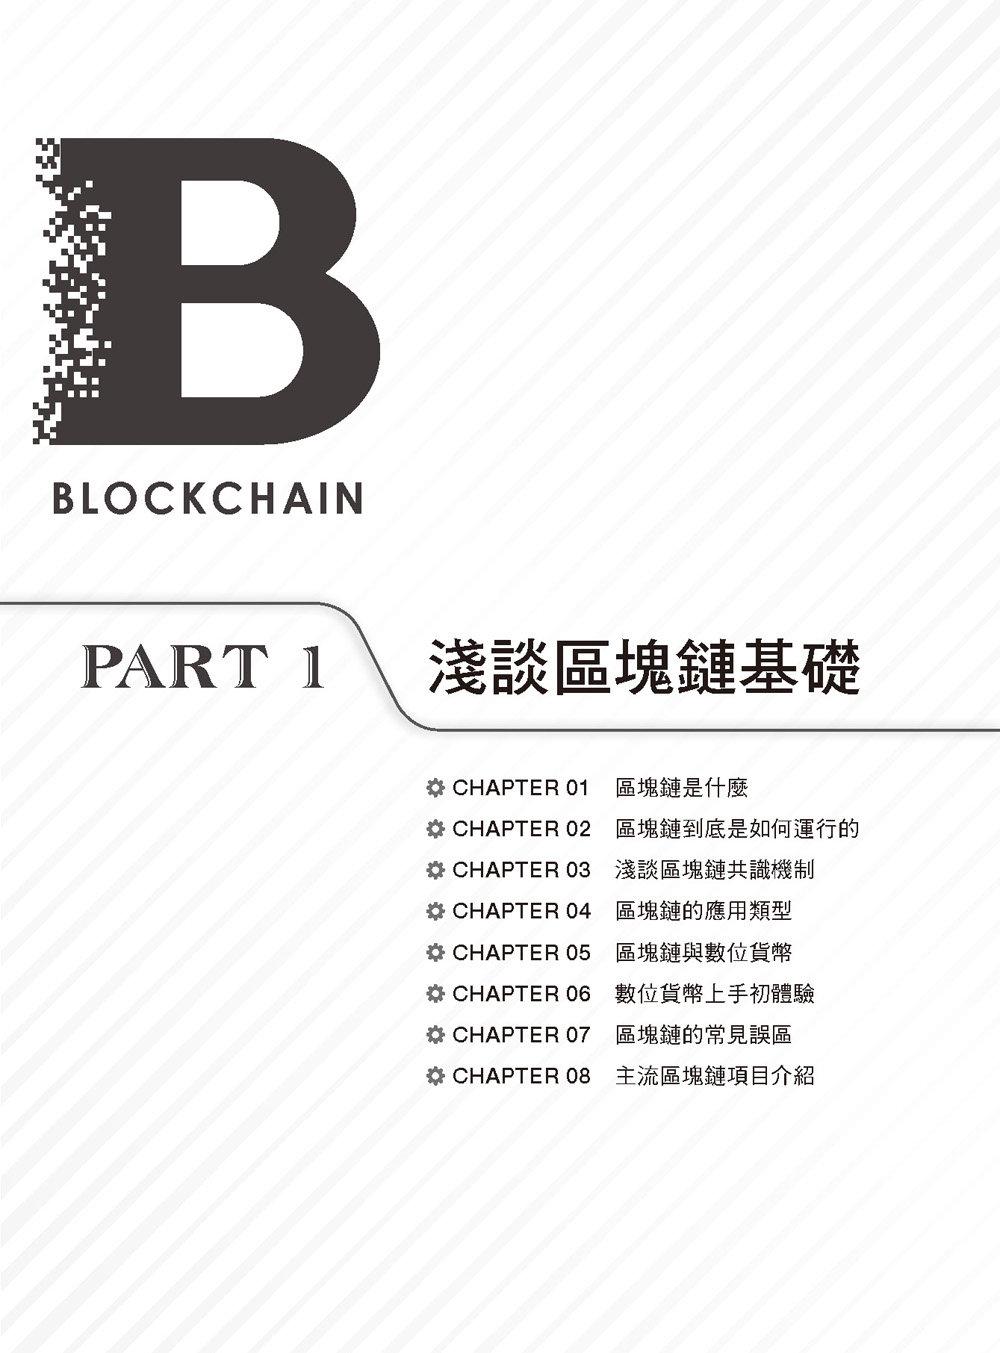 區塊鏈深入淺出:精選 16堂課輕鬆學會智慧合約與加密貨幣-preview-1